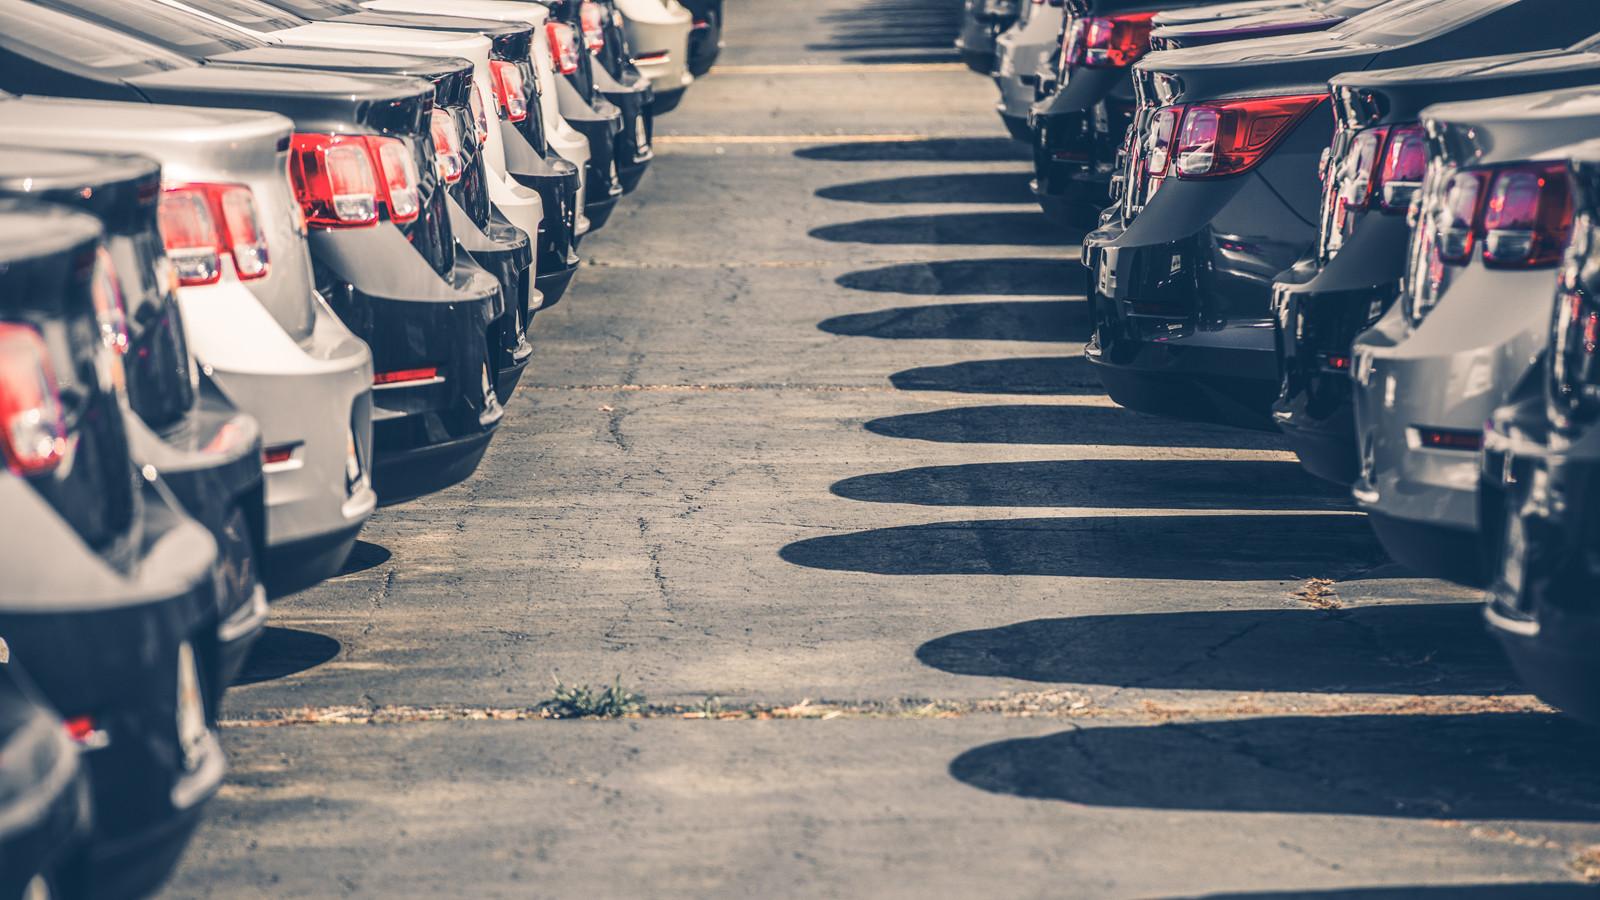 Средневзвешенная цена нового легкового автомобиля в РФ составила 1,33 млн руб.